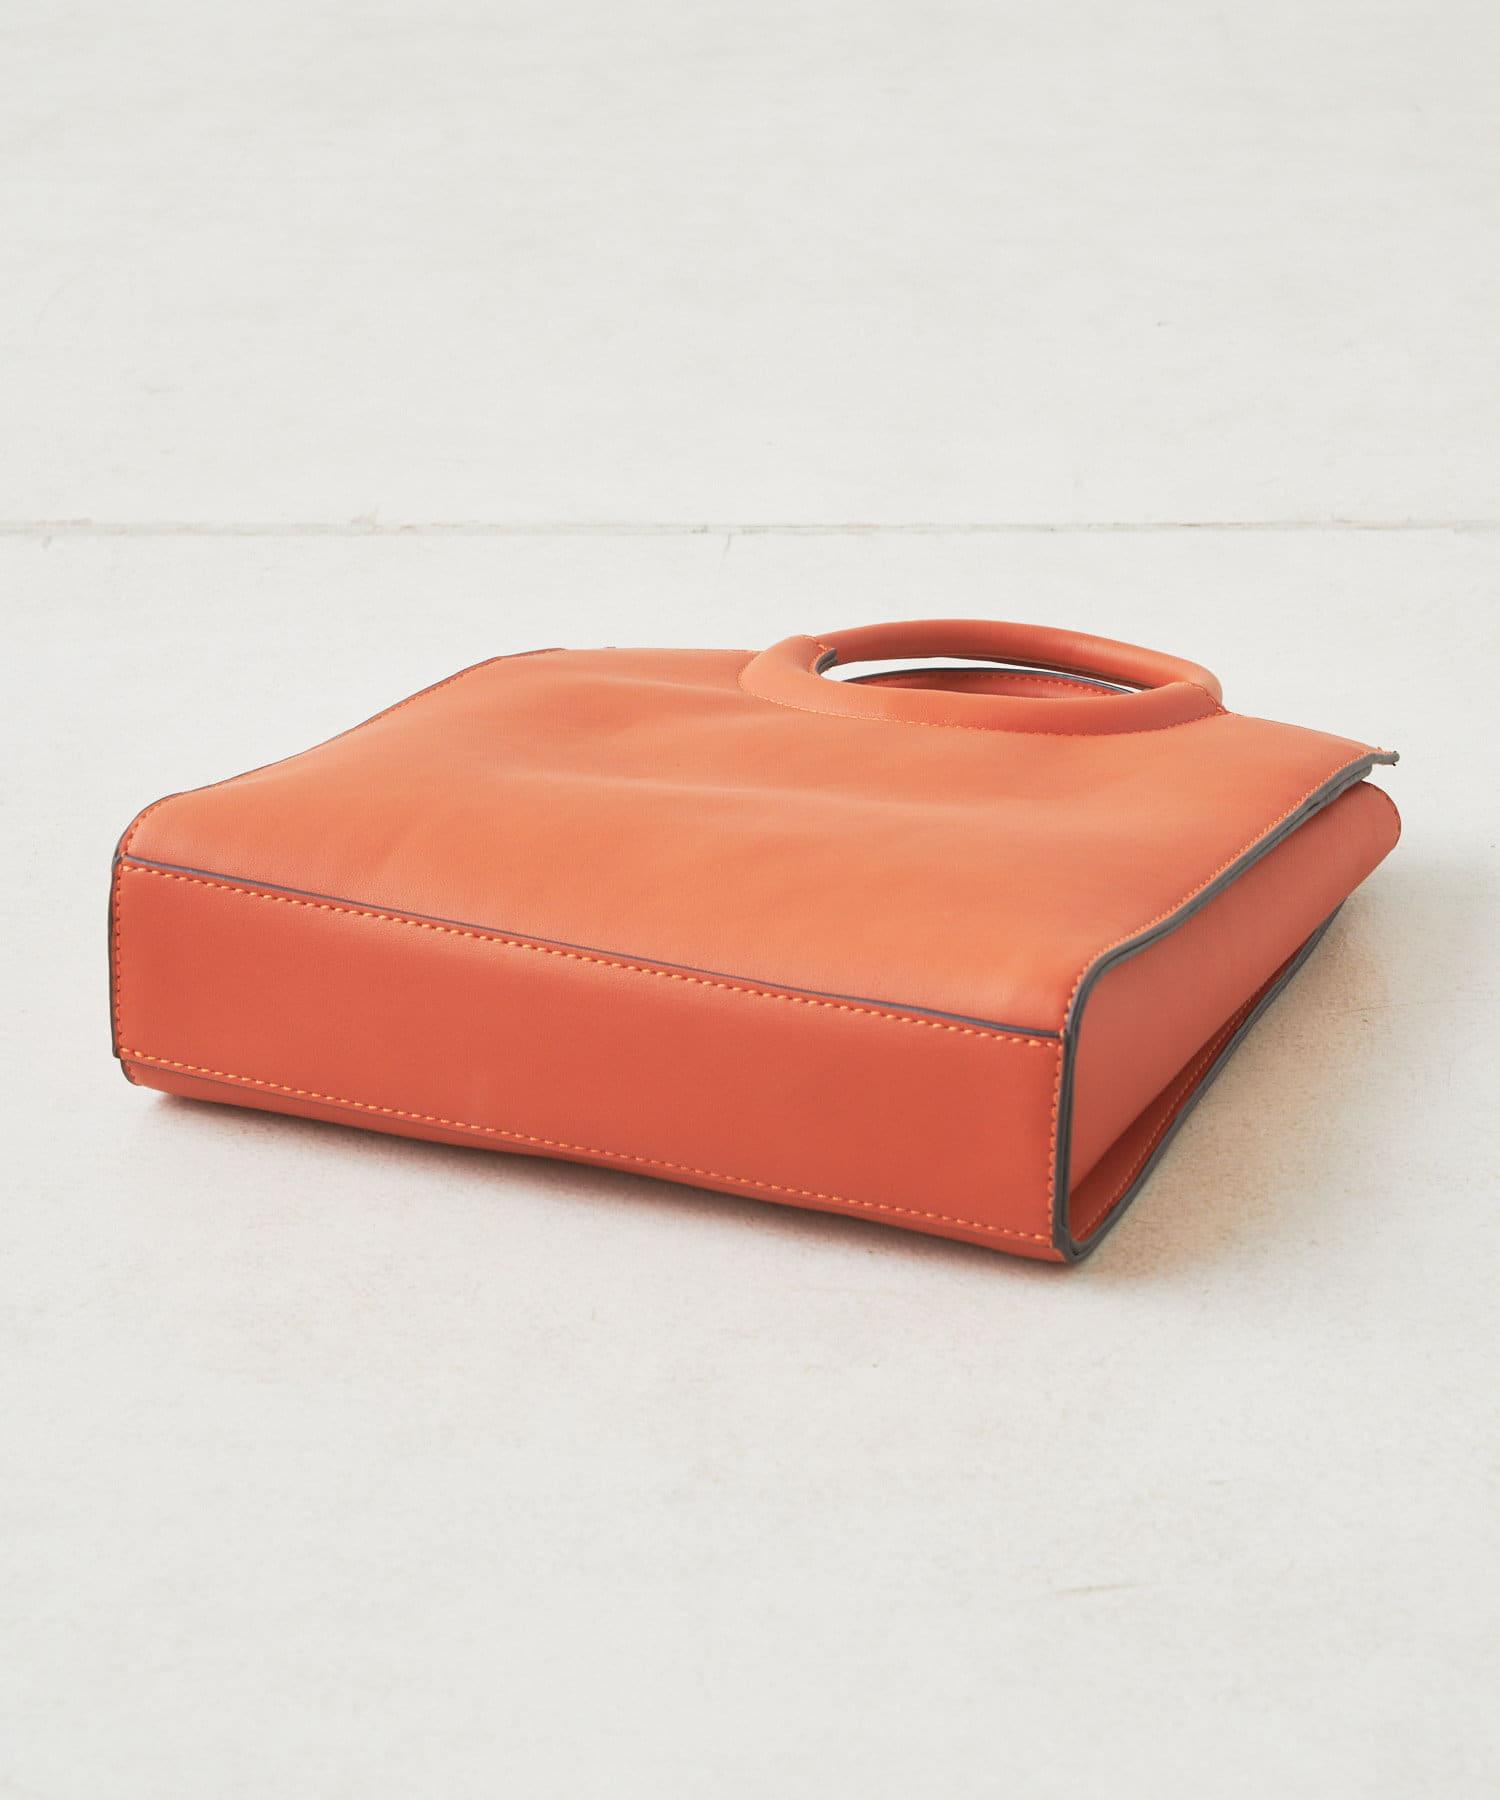 Discoat(ディスコート) くり手配色スクエアトートバッグ